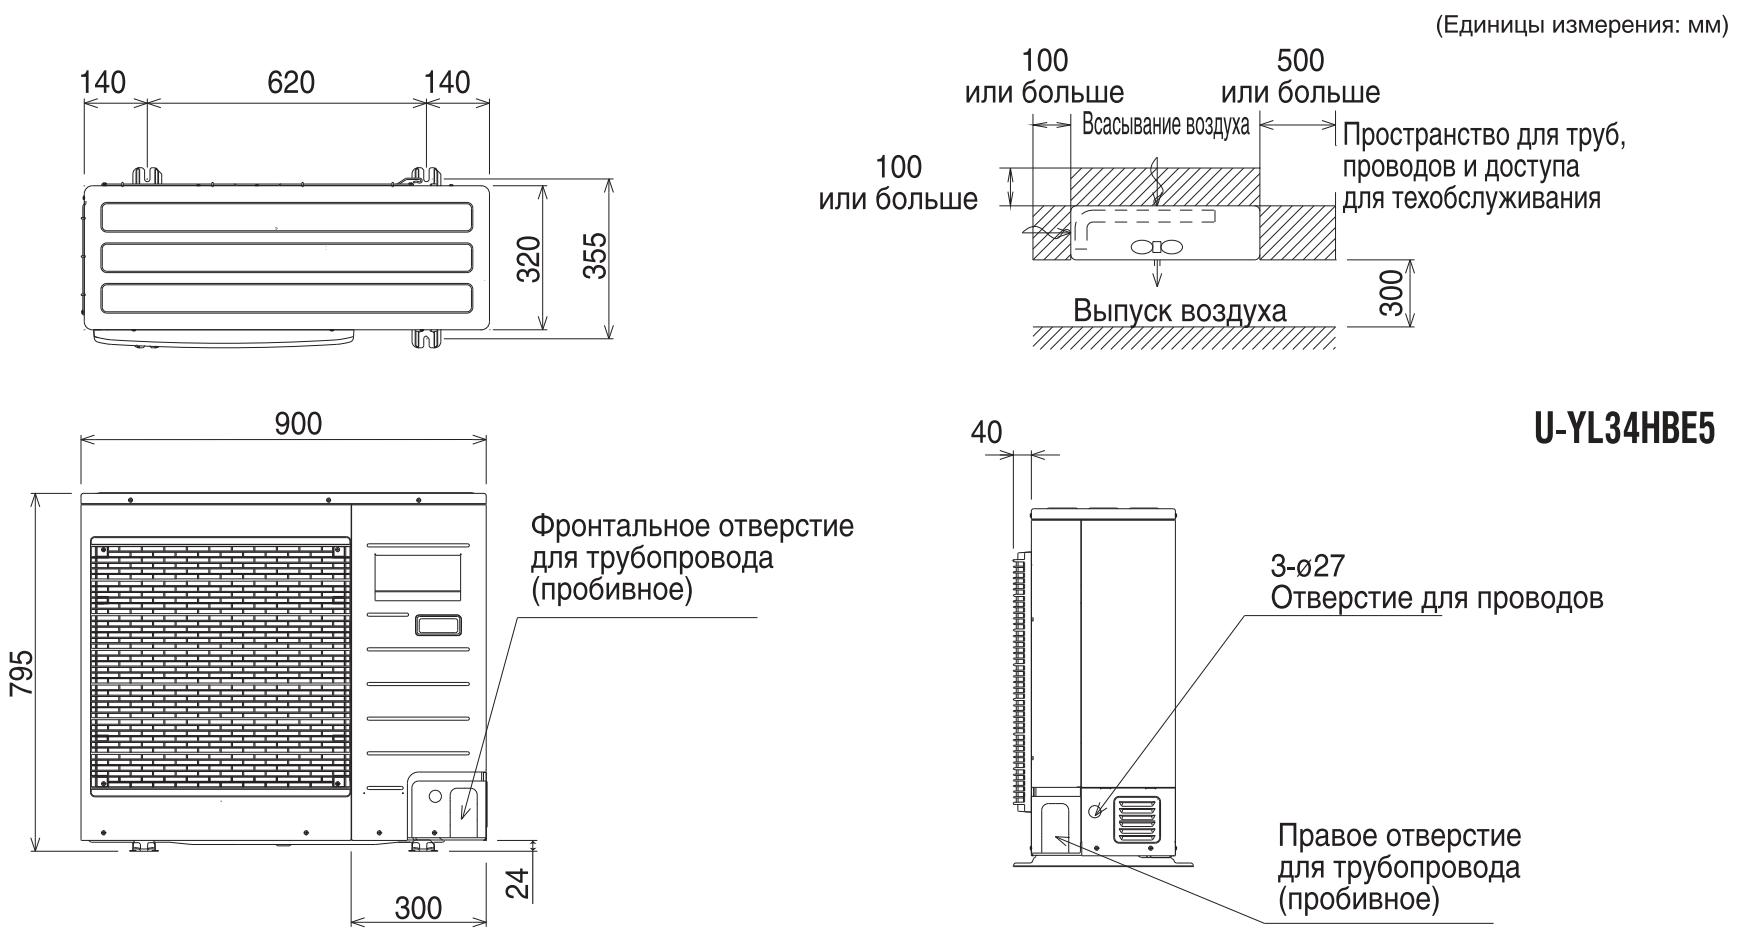 Габаритные размеры кондиционера U-YL34HBE5